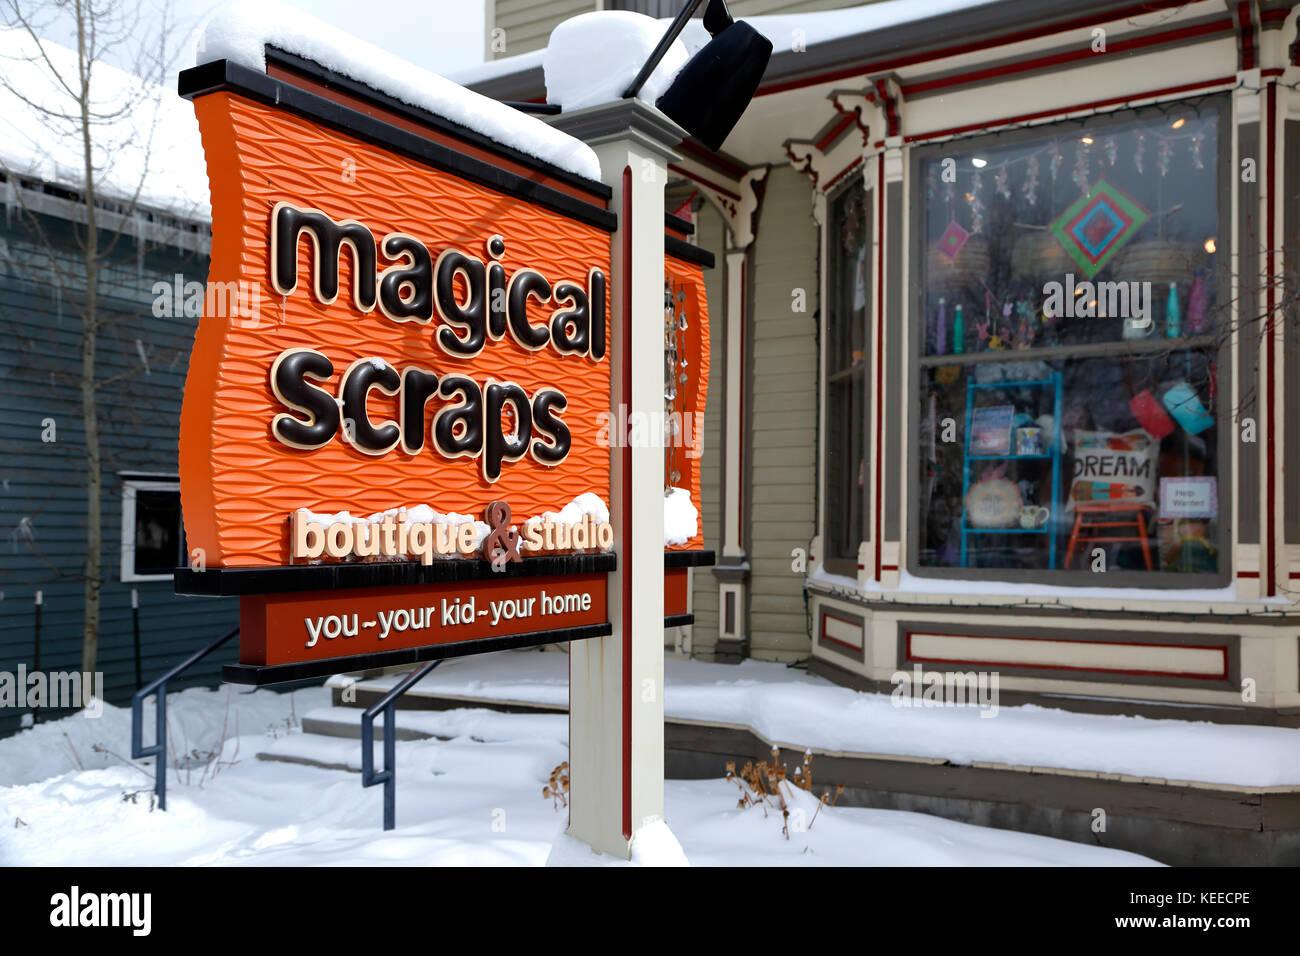 Signo de la tienda mágica desecha (tela y tienda de ropa de niños), Breckenridge, Colorado, EE.UU. Imagen De Stock